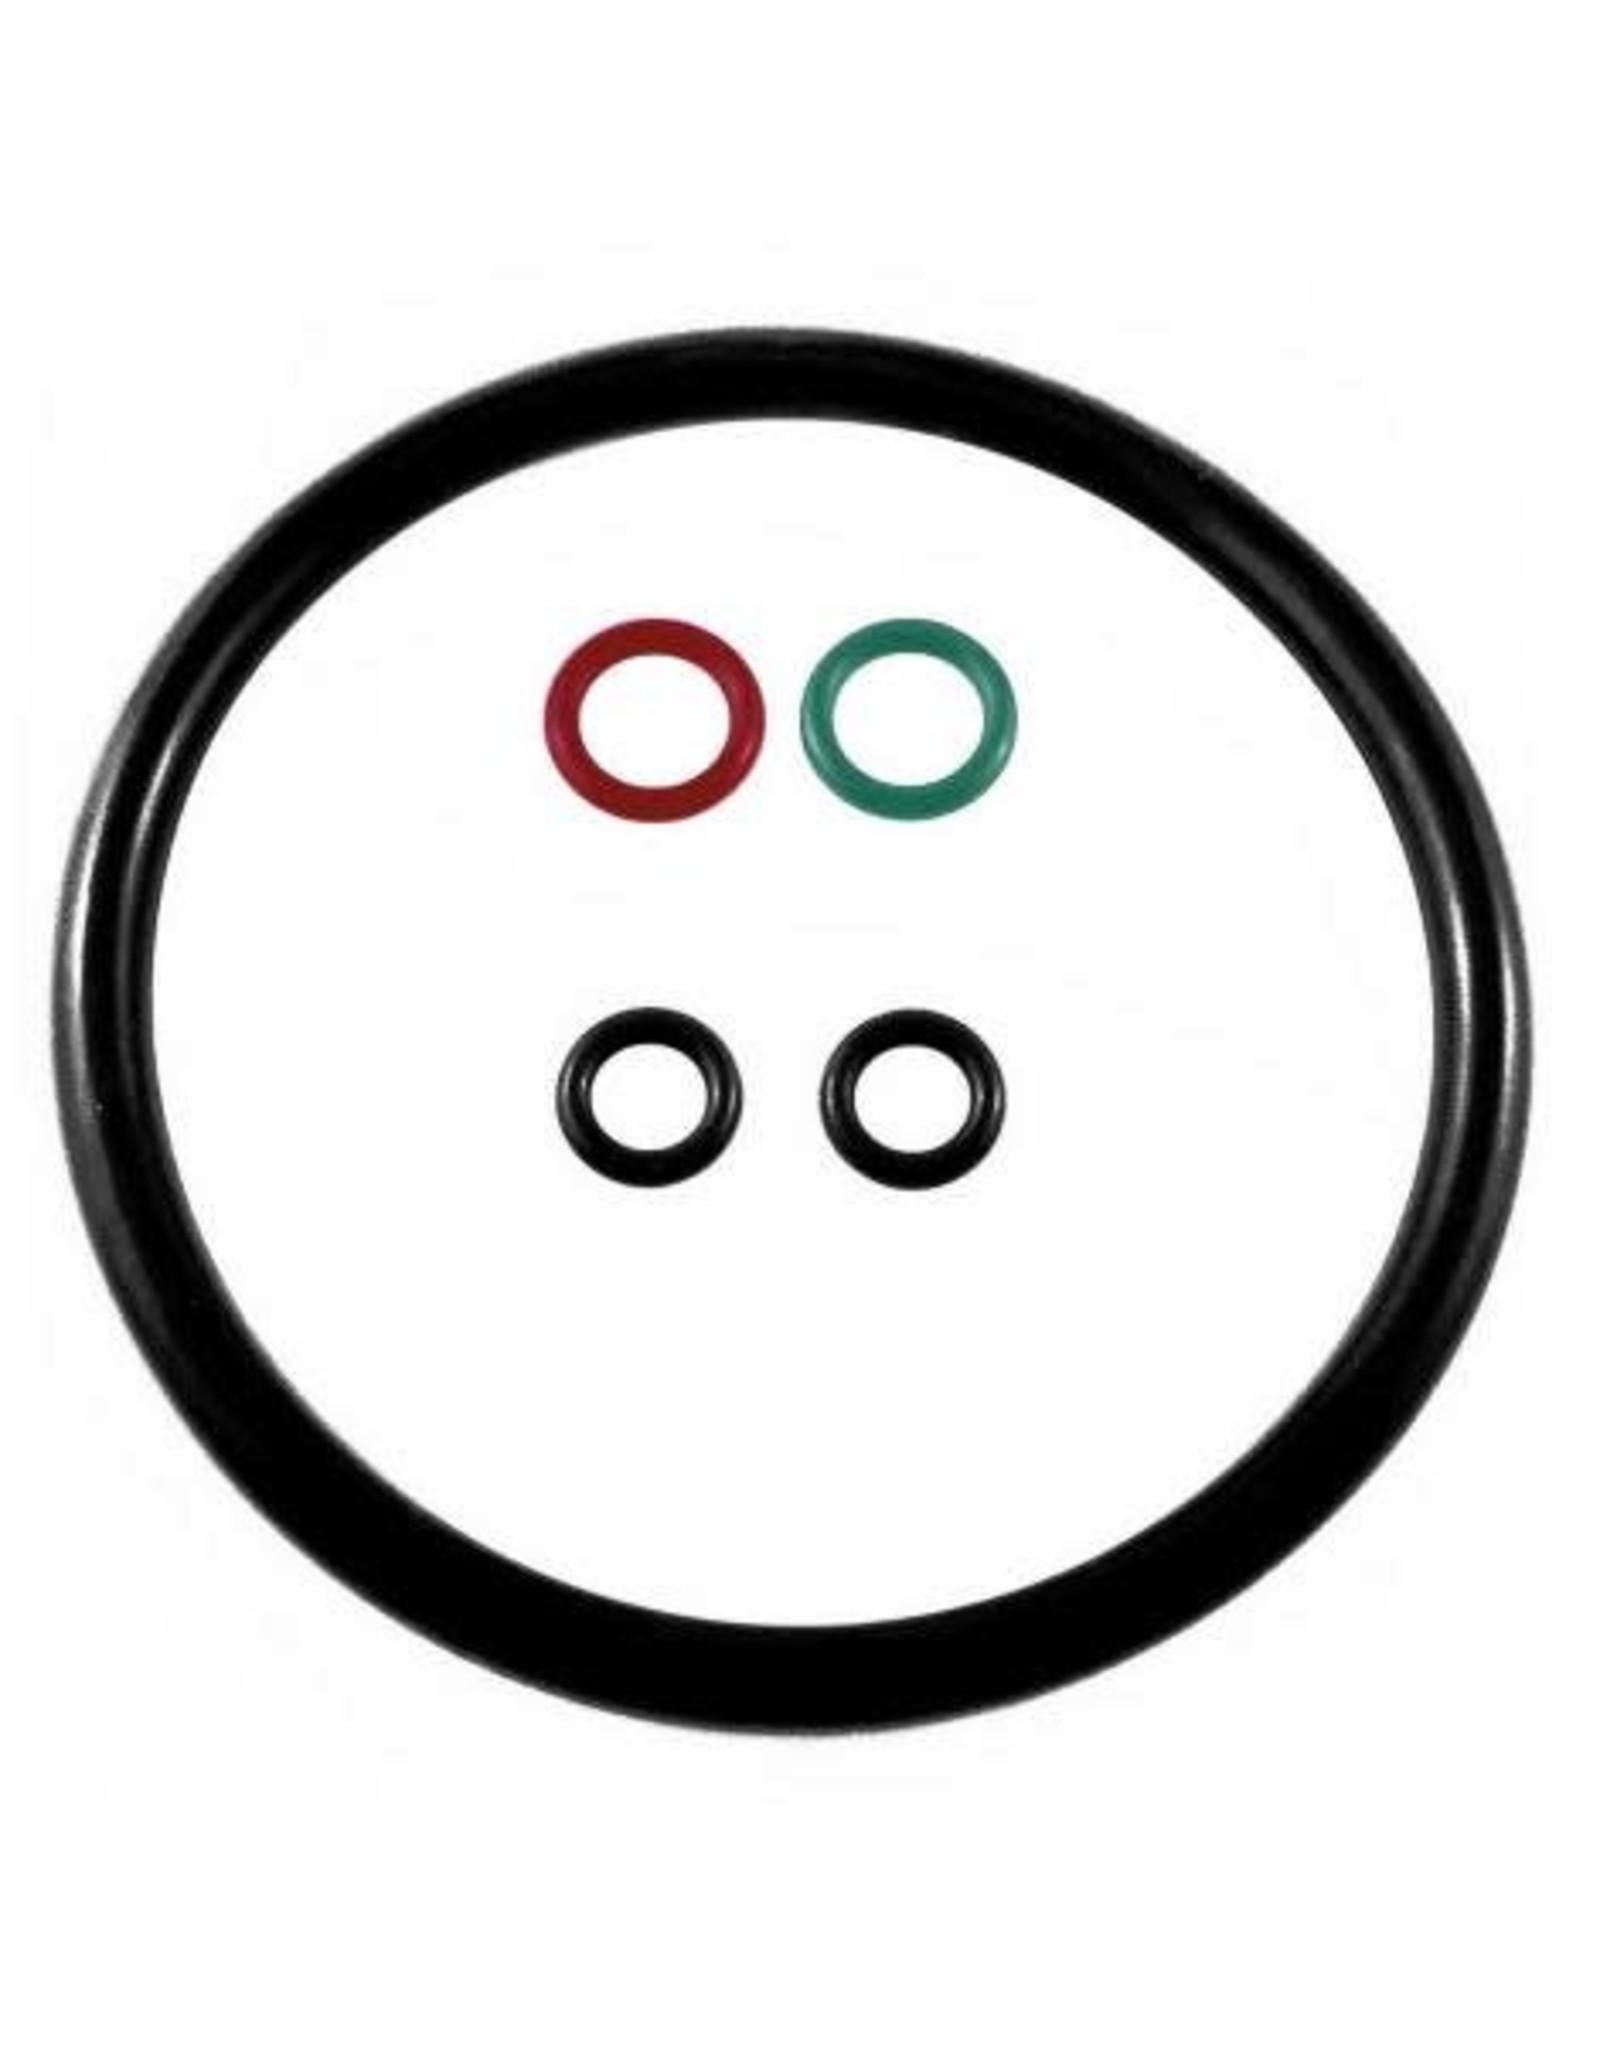 O-Ring Replacement Kit Oring Kit